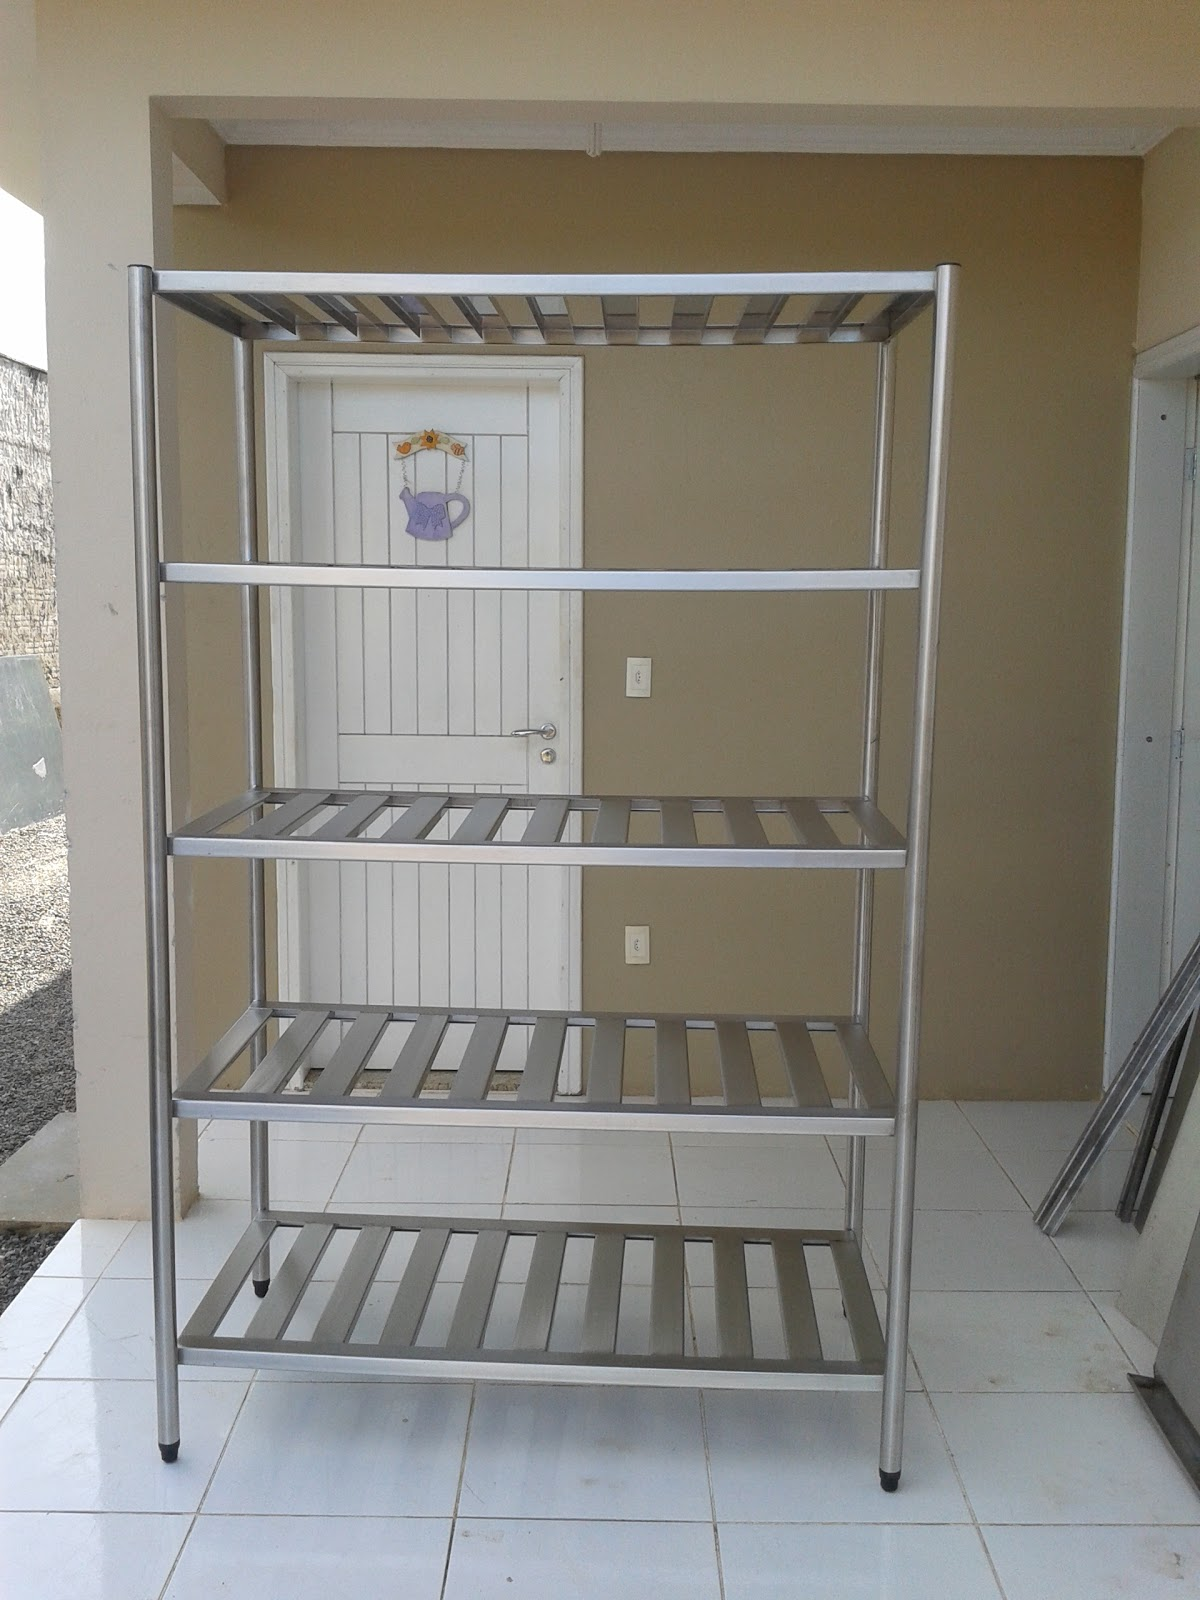 Ideal Cozinhas Industriais: Junho 2012 #5C4F38 1200 1600